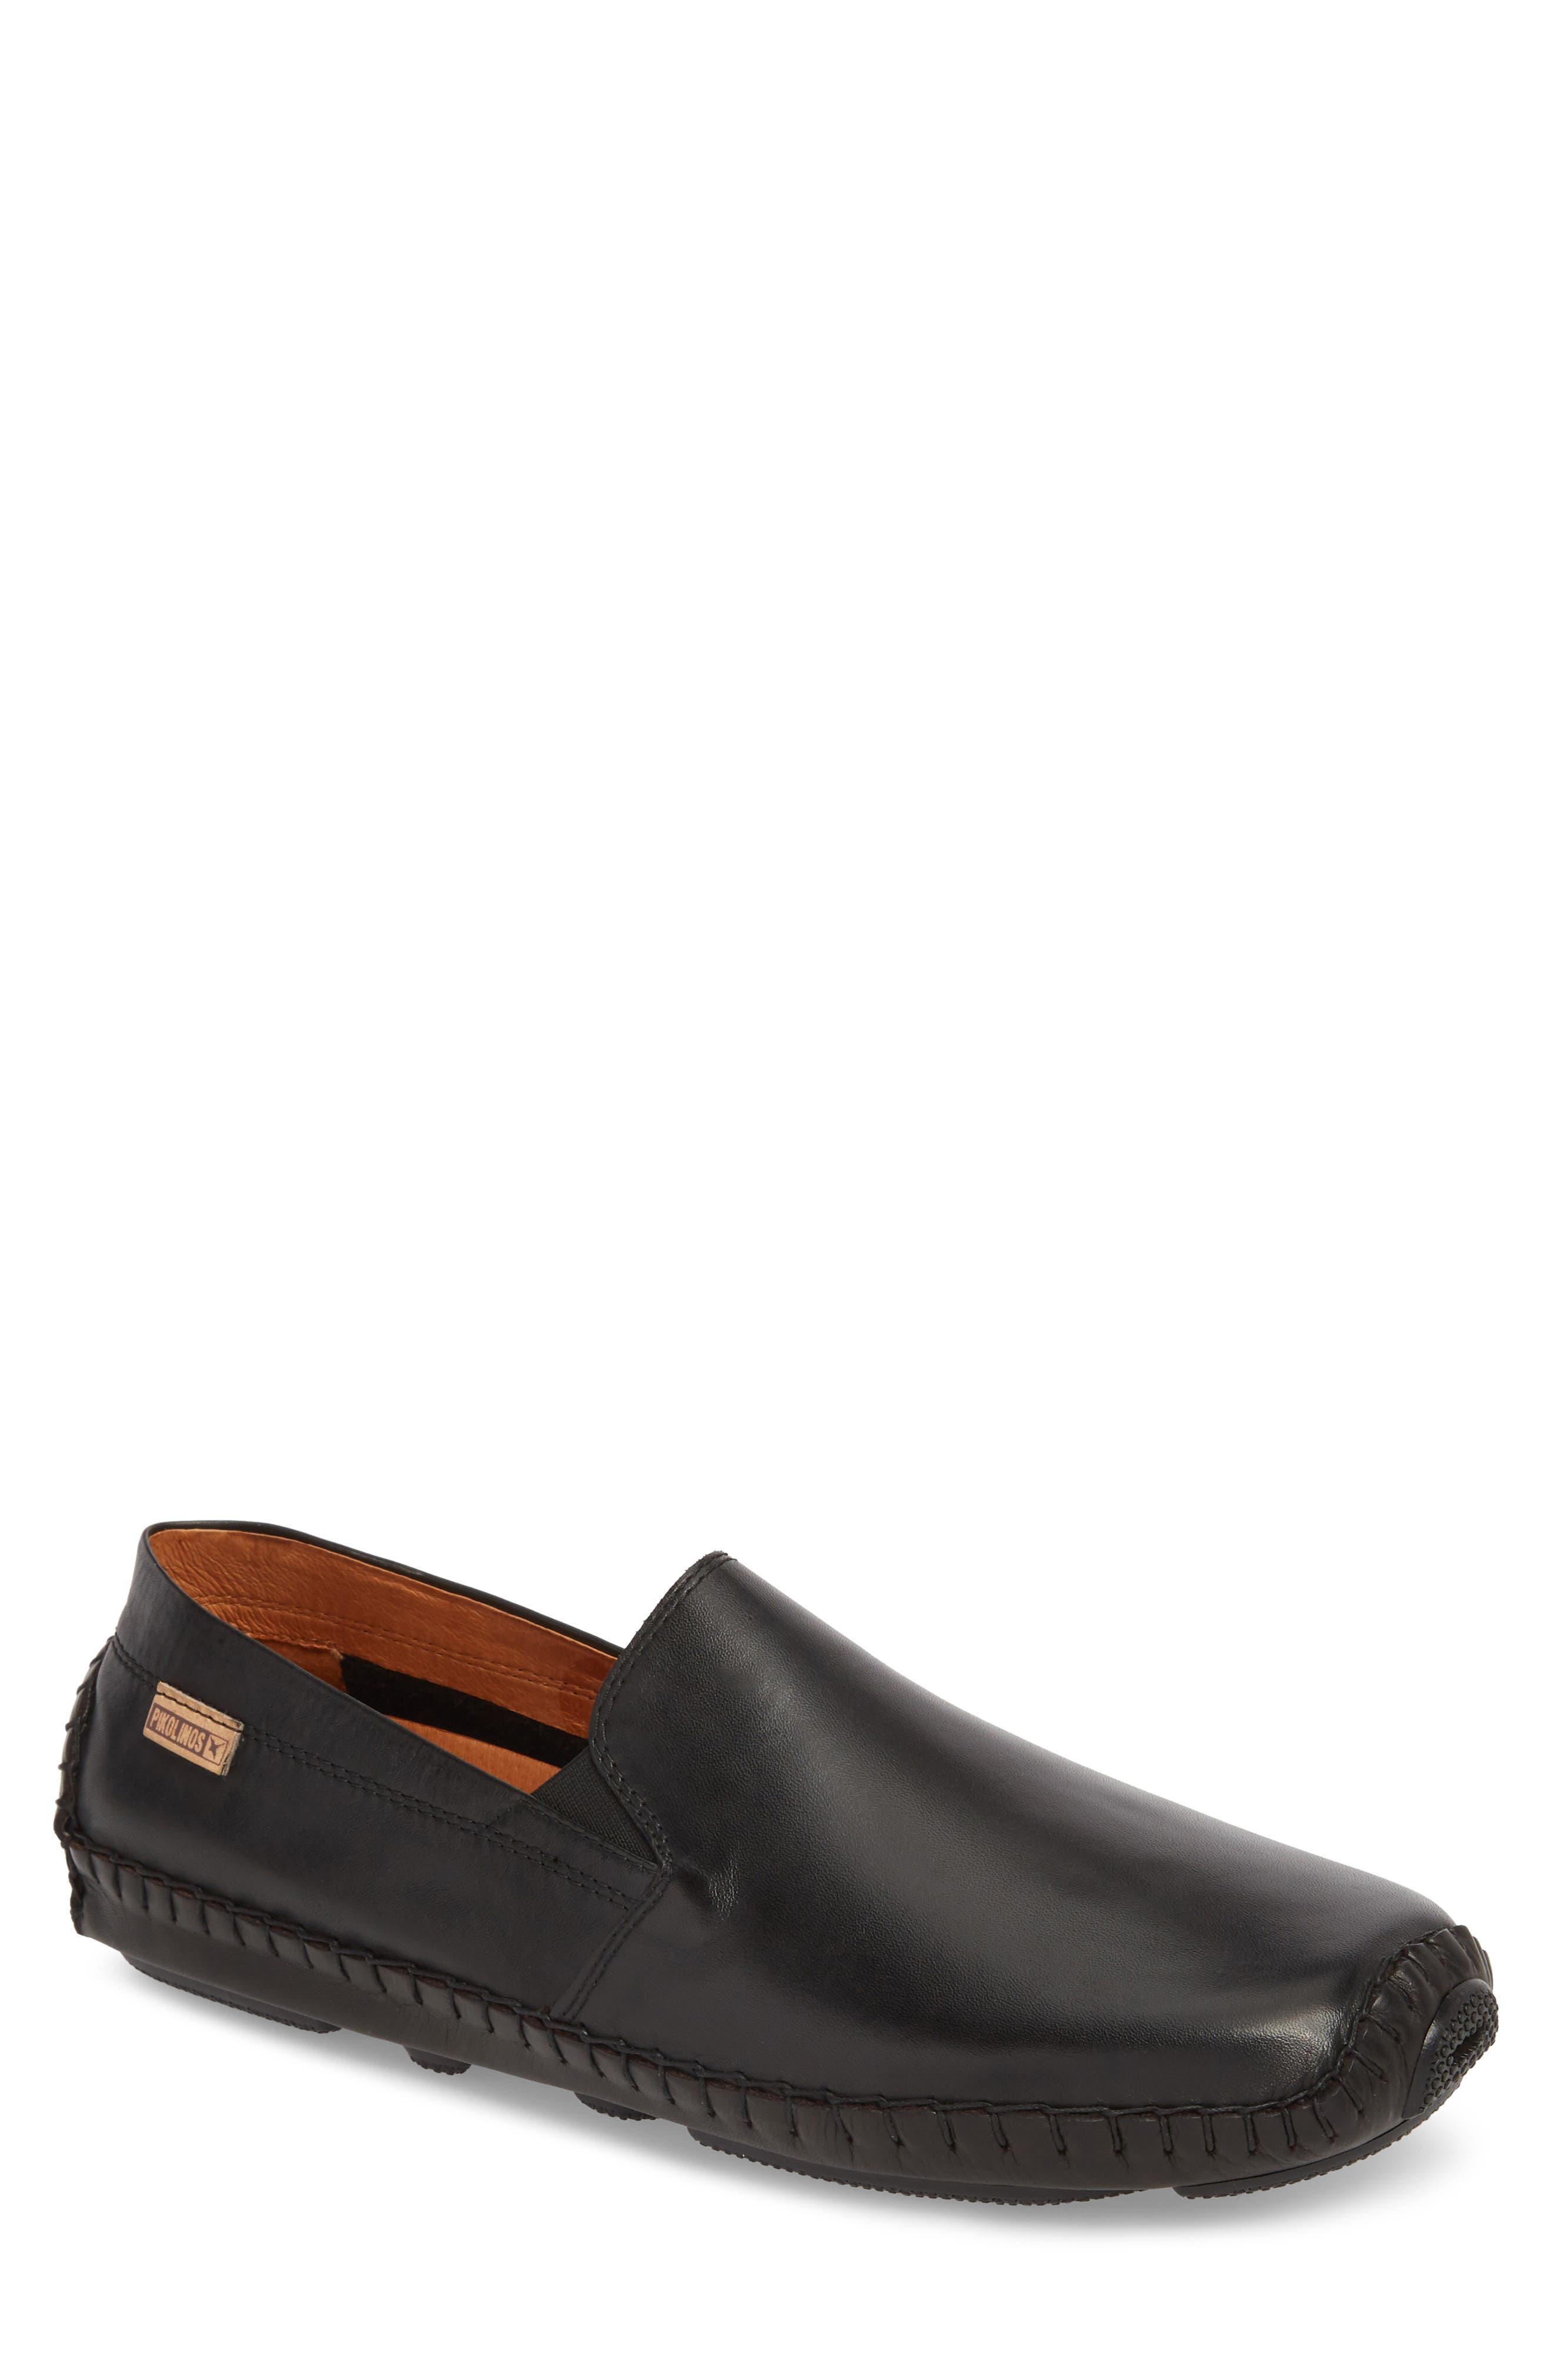 Jerez Driving Shoe,                         Main,                         color, BLACK LEATHER